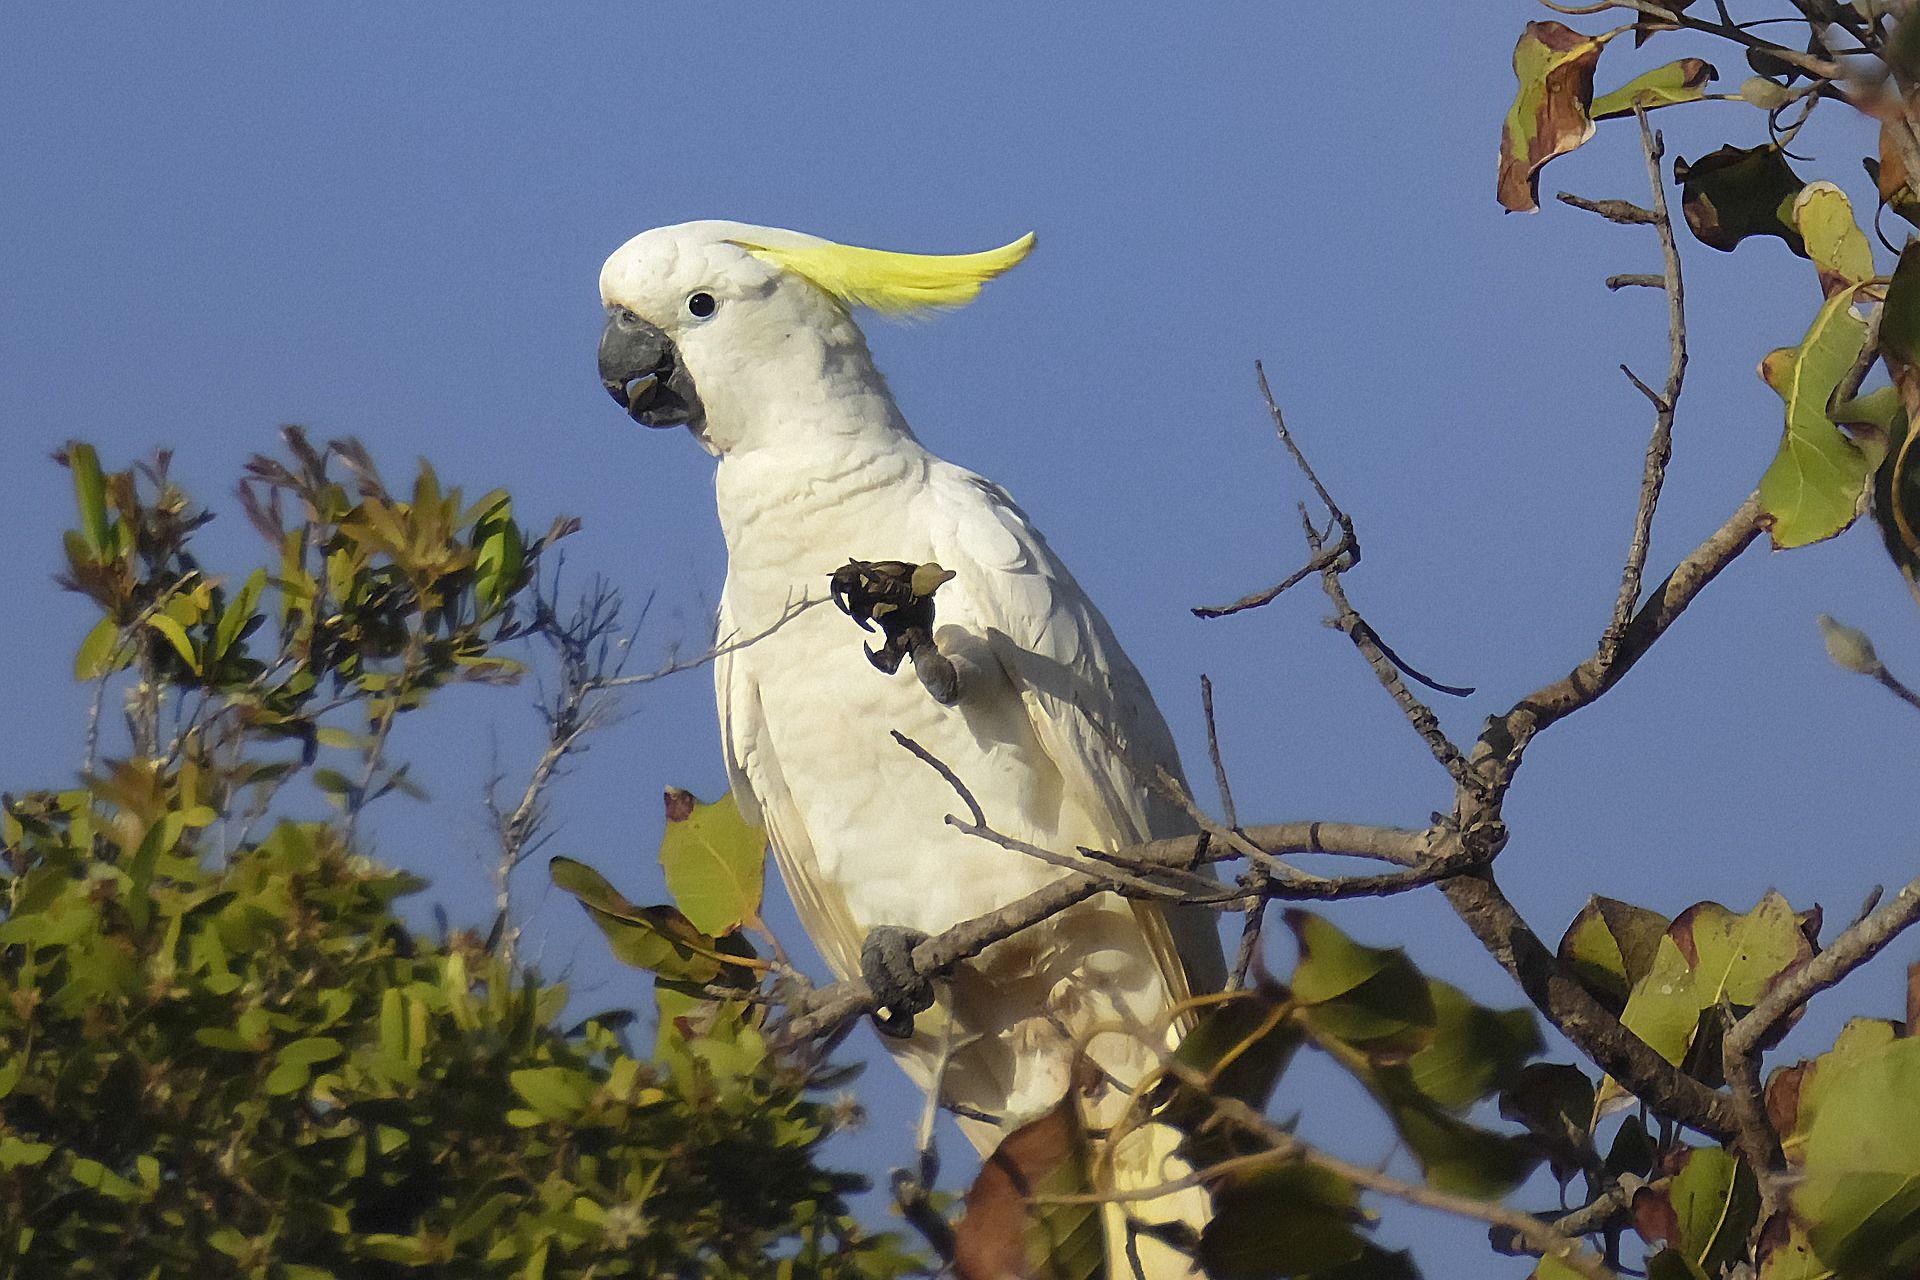 Скачать бесплатно лучшее фото Какаду крупным планом